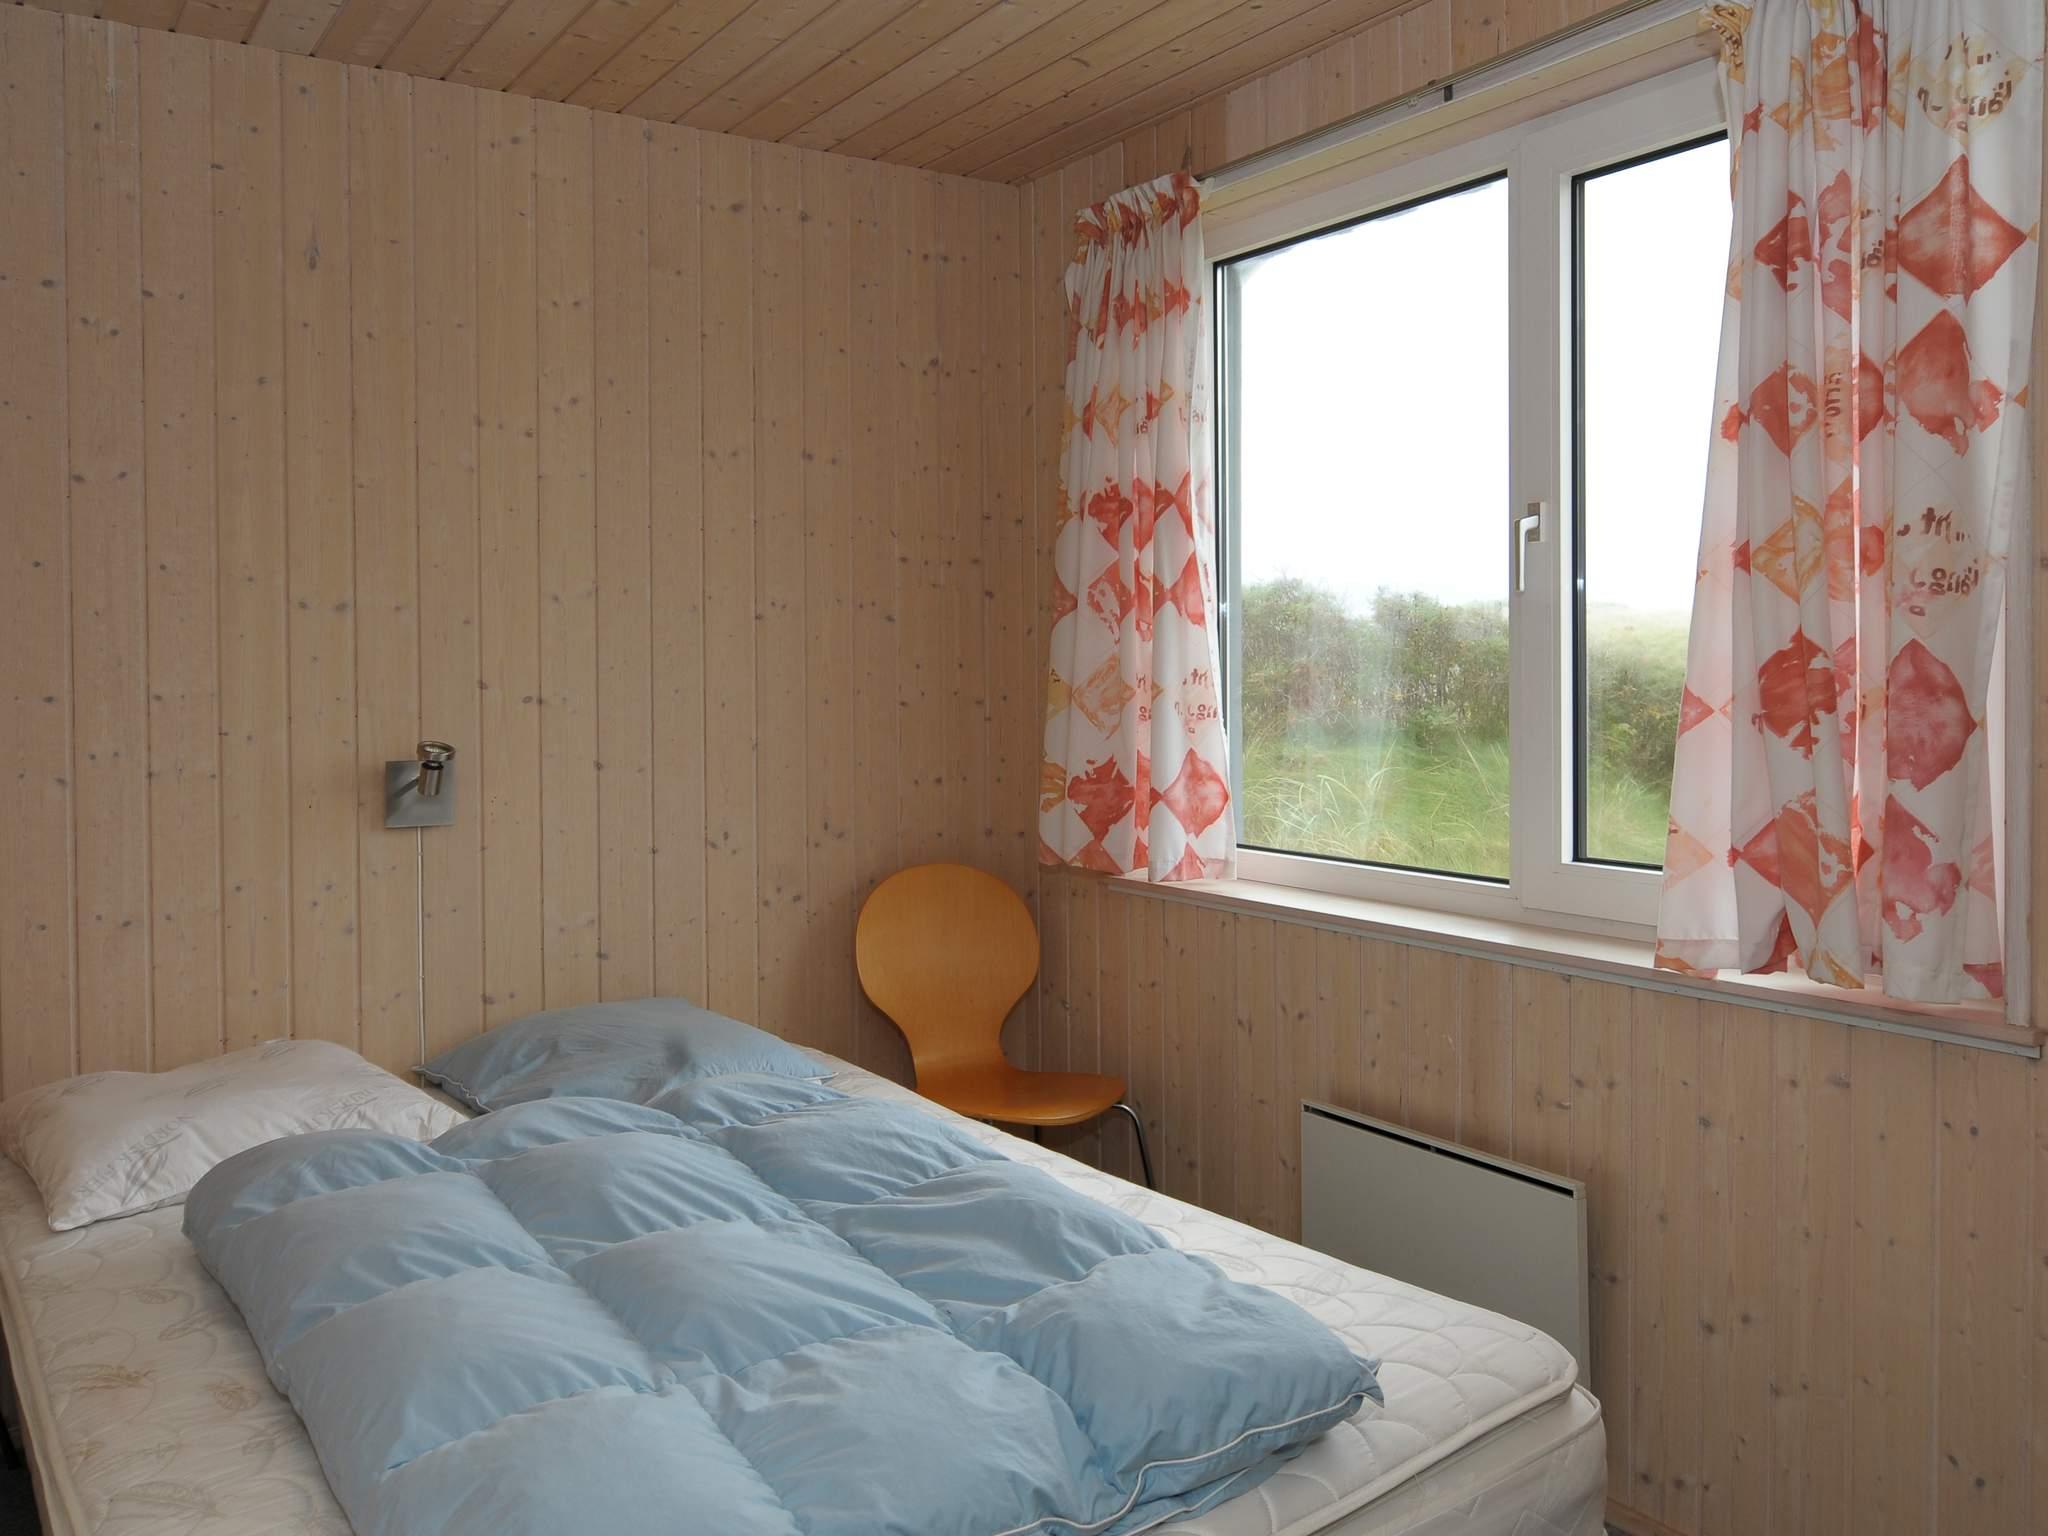 Ferienhaus Vejlby Klit (88925), Harboøre, , Limfjord, Dänemark, Bild 10